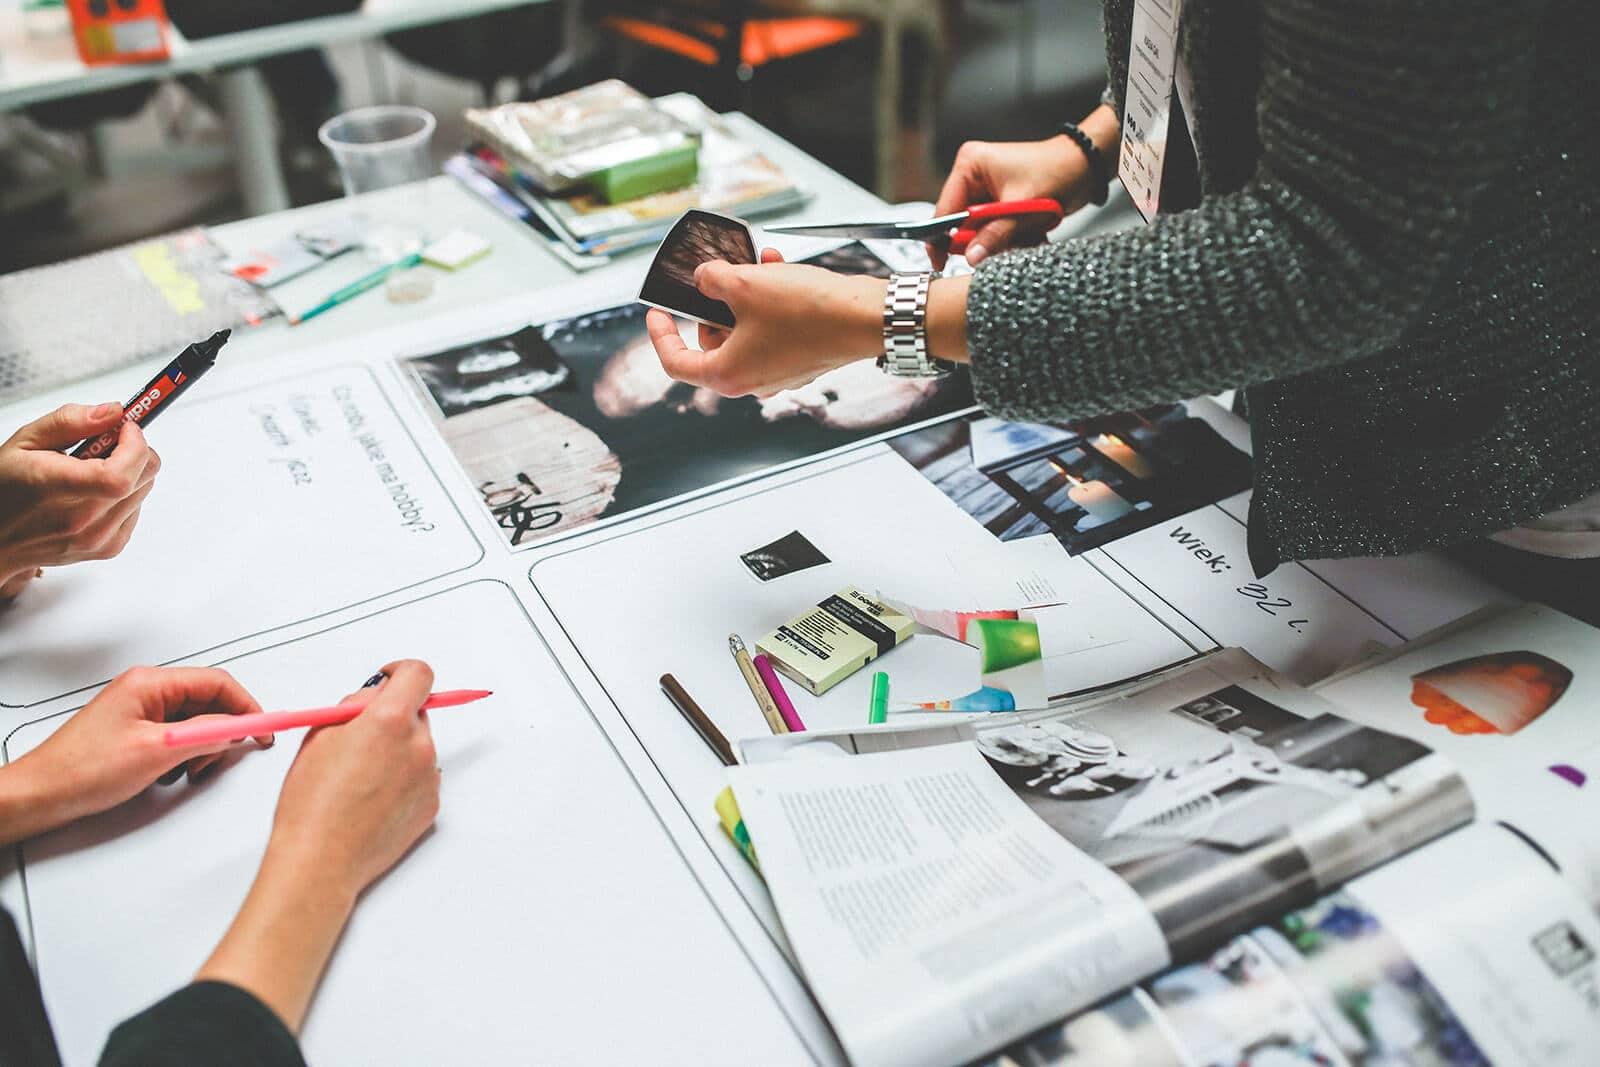 La importancia de una buena comunicación cliente-diseñador